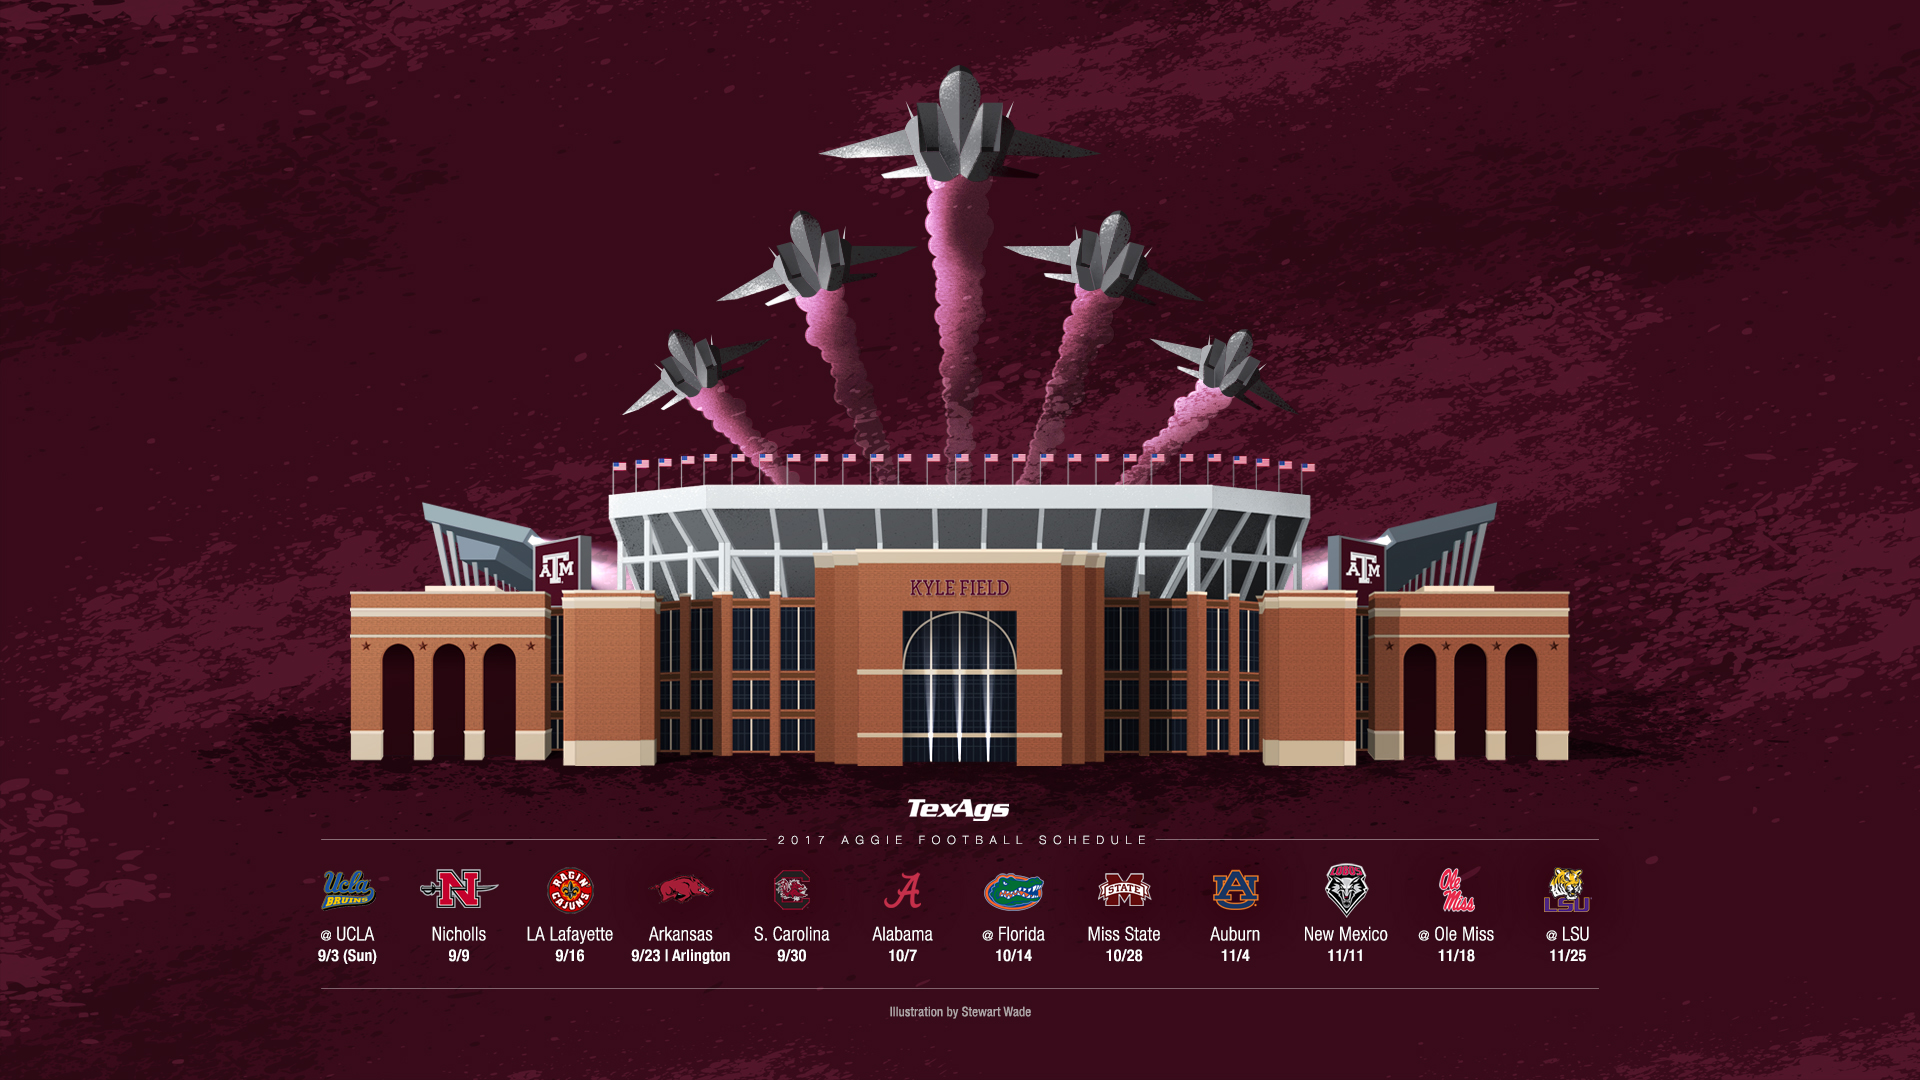 Texas a m wallpaper kamos hd wallpaper for Sec football wallpaper